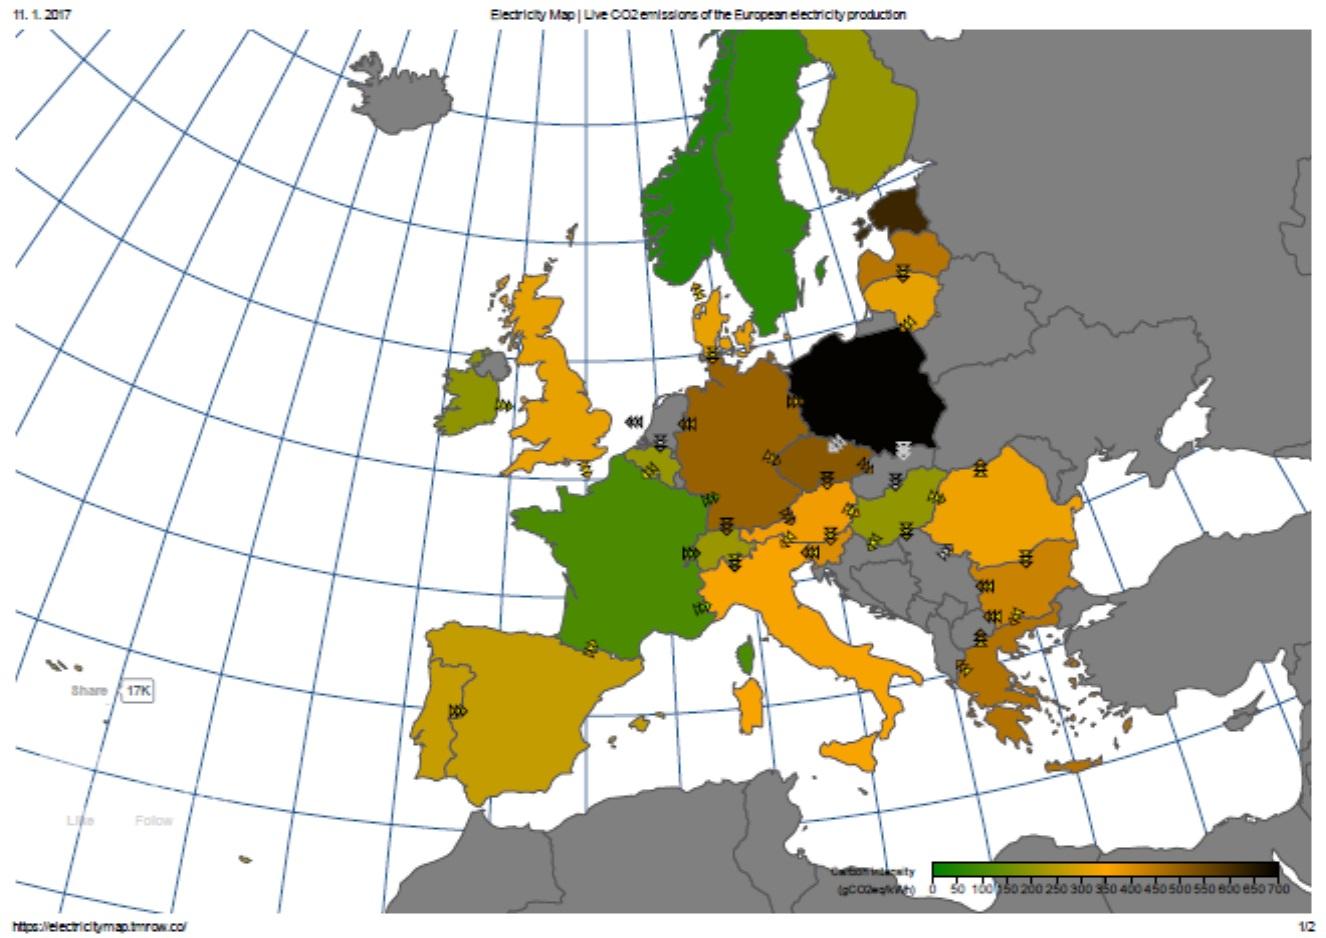 Produkce oxidu uhličitého v  elektroenergetice v Evropě v podzimní době, kdy fouká spíše méně, ukazuje, jaká je situace u různých evropských států. Čím zelenější, tím menší produkce oxidu uhličitého na jednotku vyrobené elektřiny. Čím tmavší hnědá až